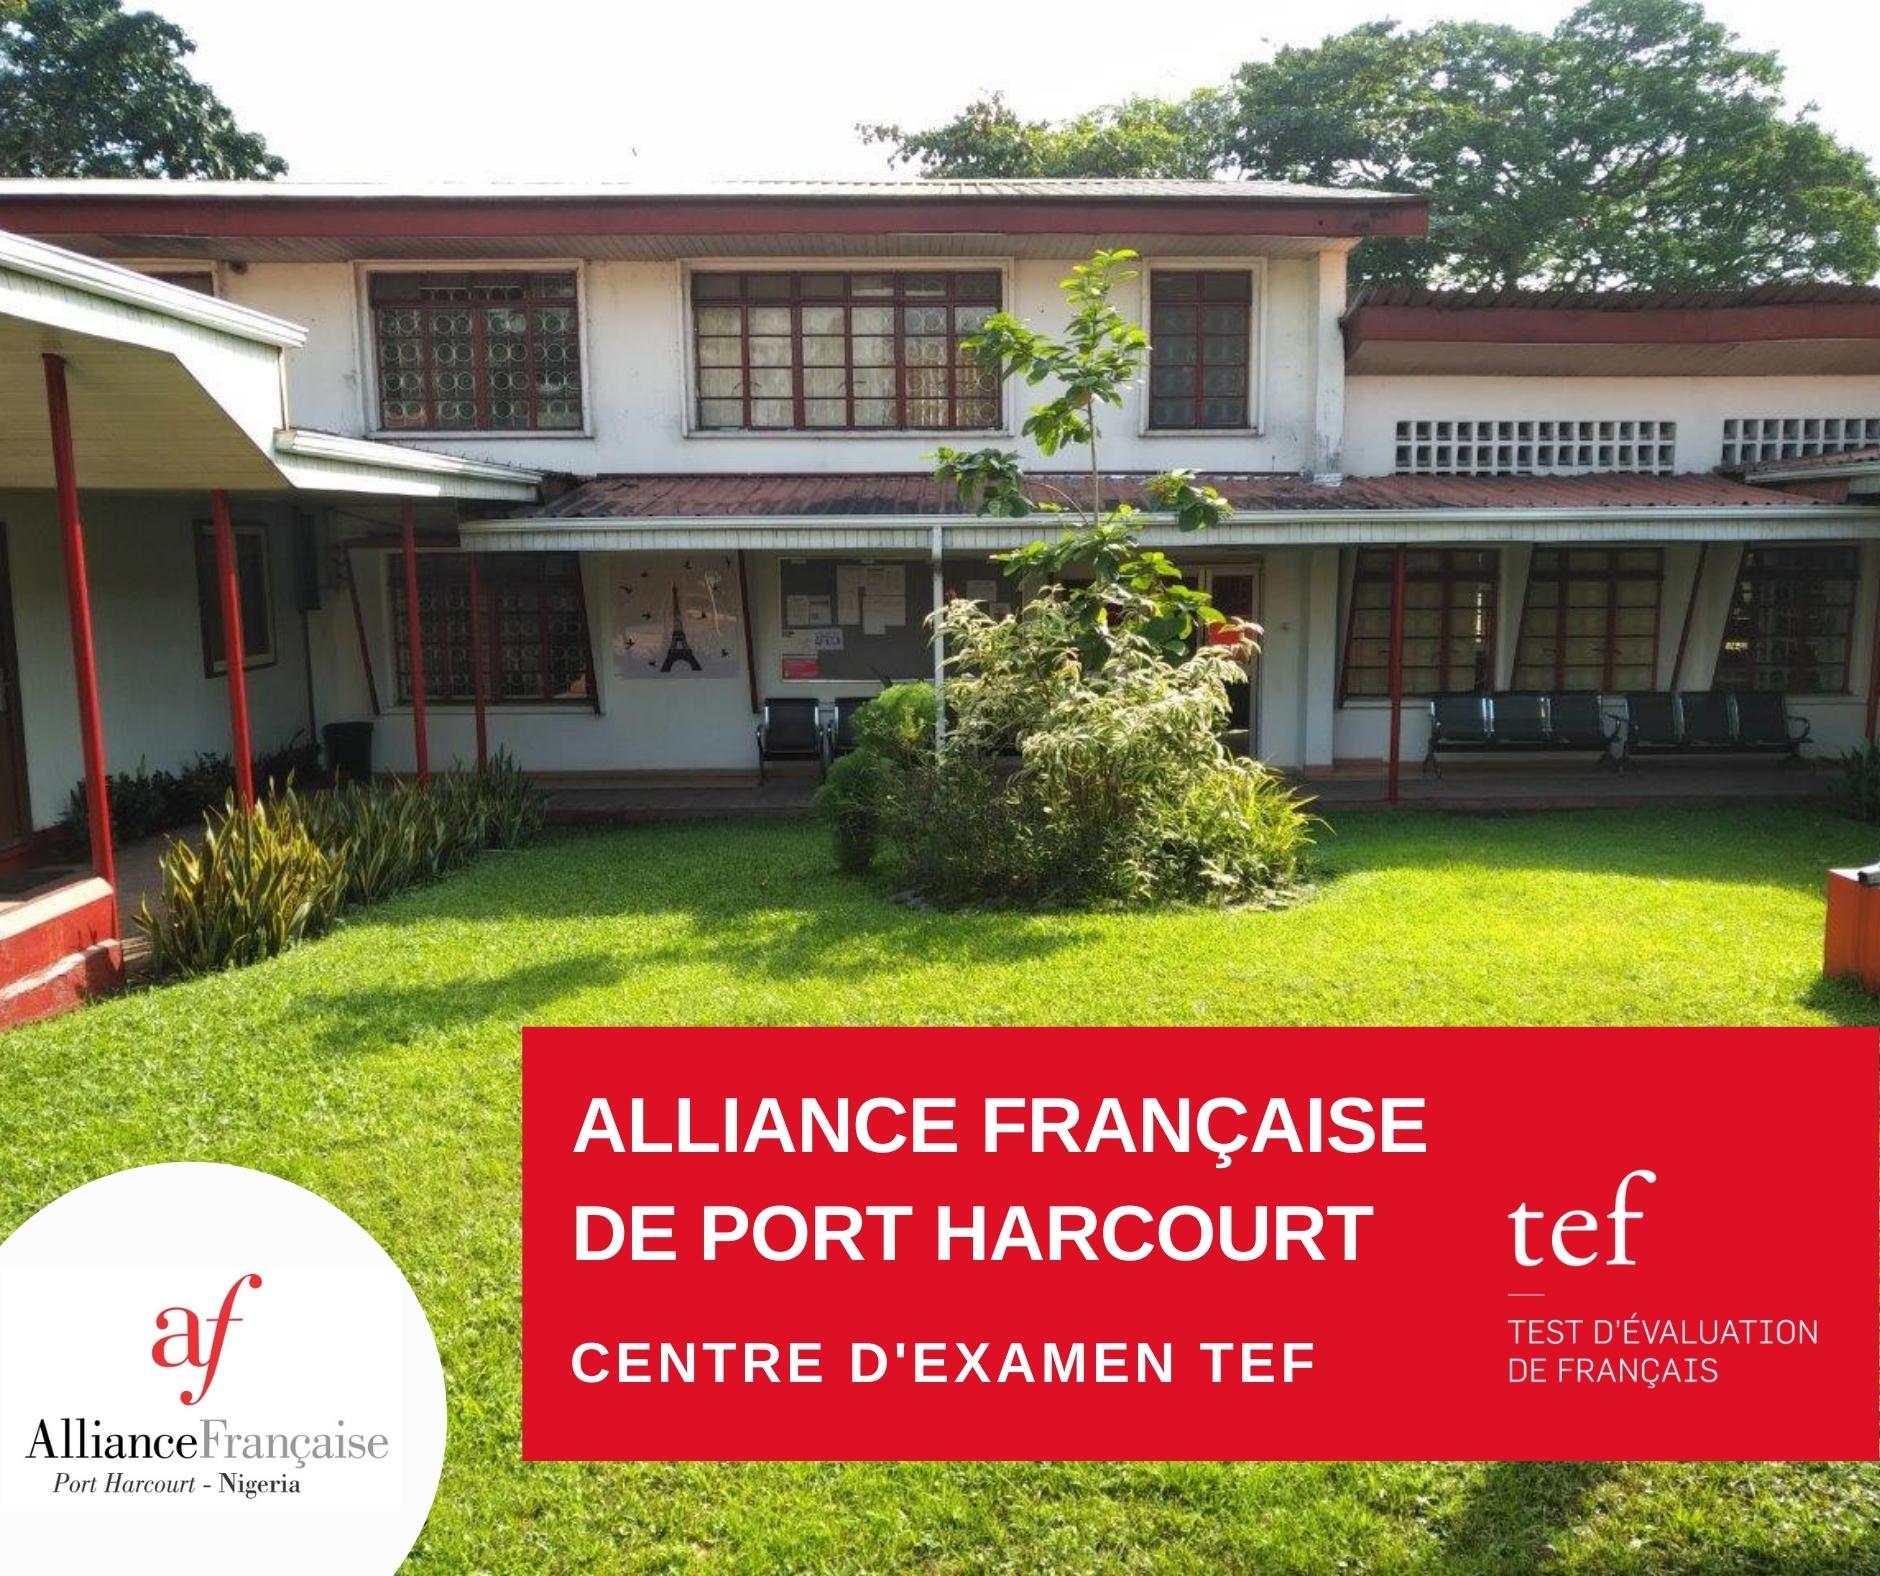 Alliance Française de Port Harcourt